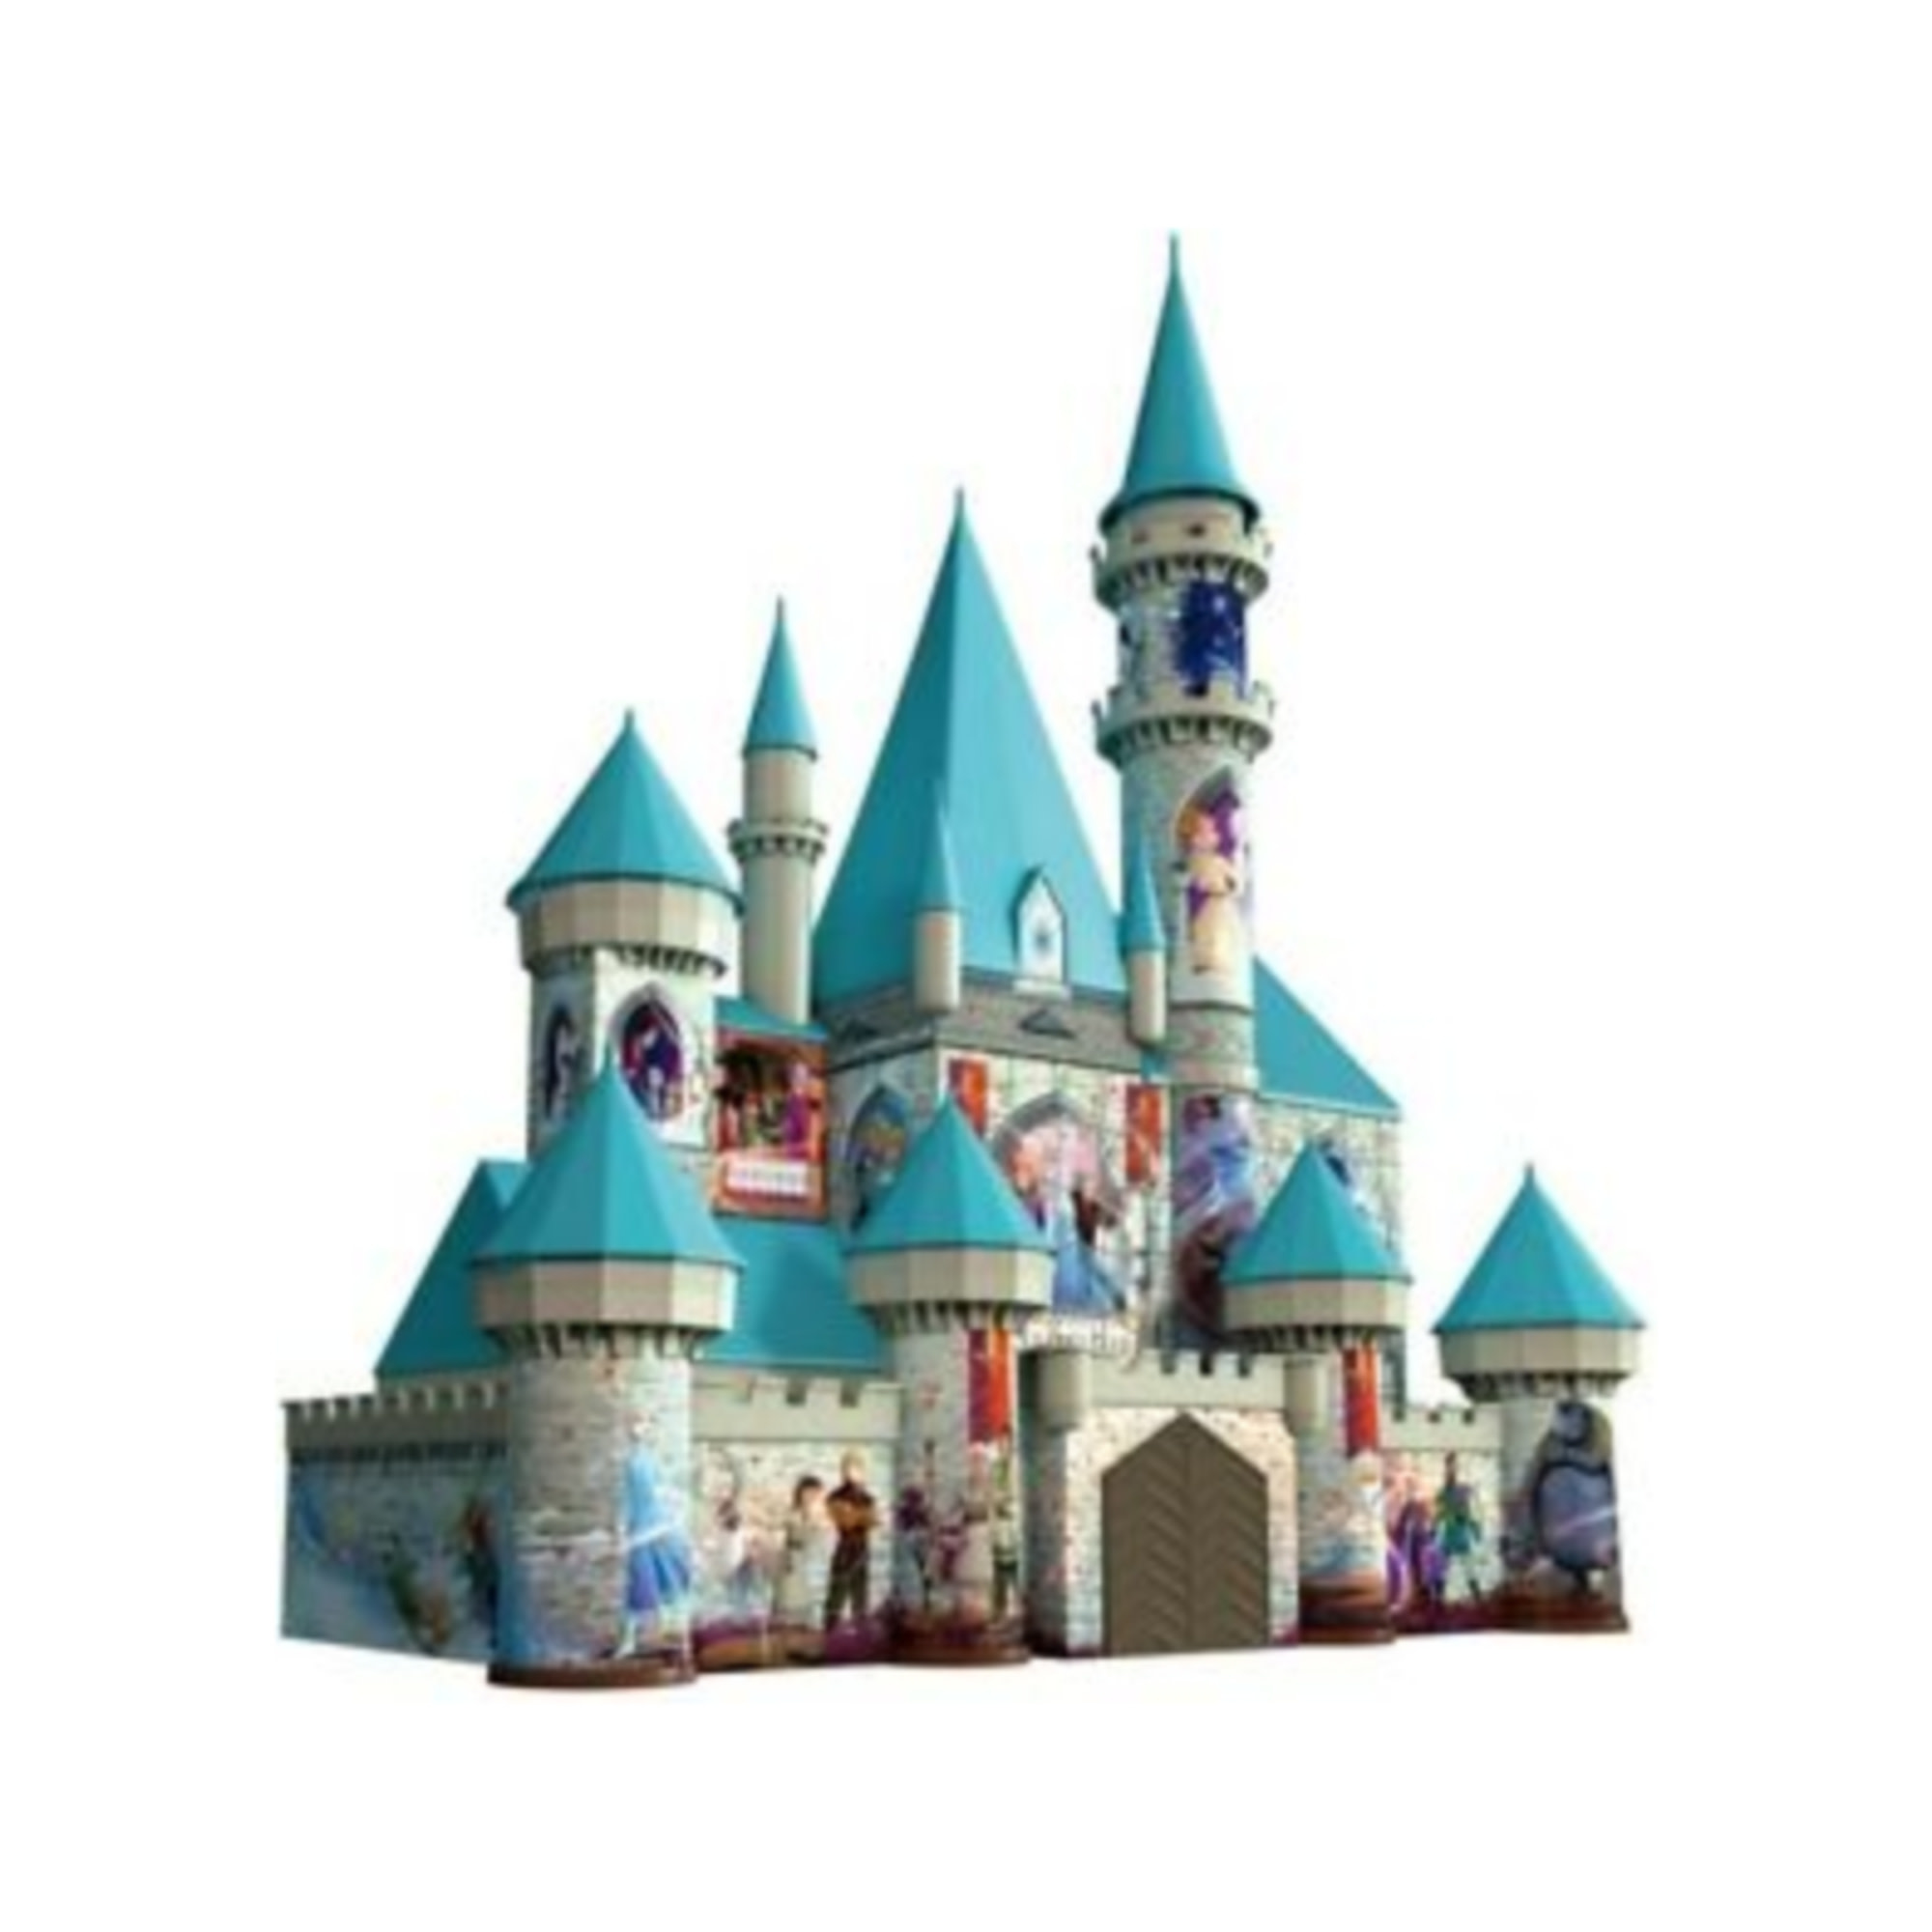 Ravensburger 3D Puzzle 216 - Frozen II